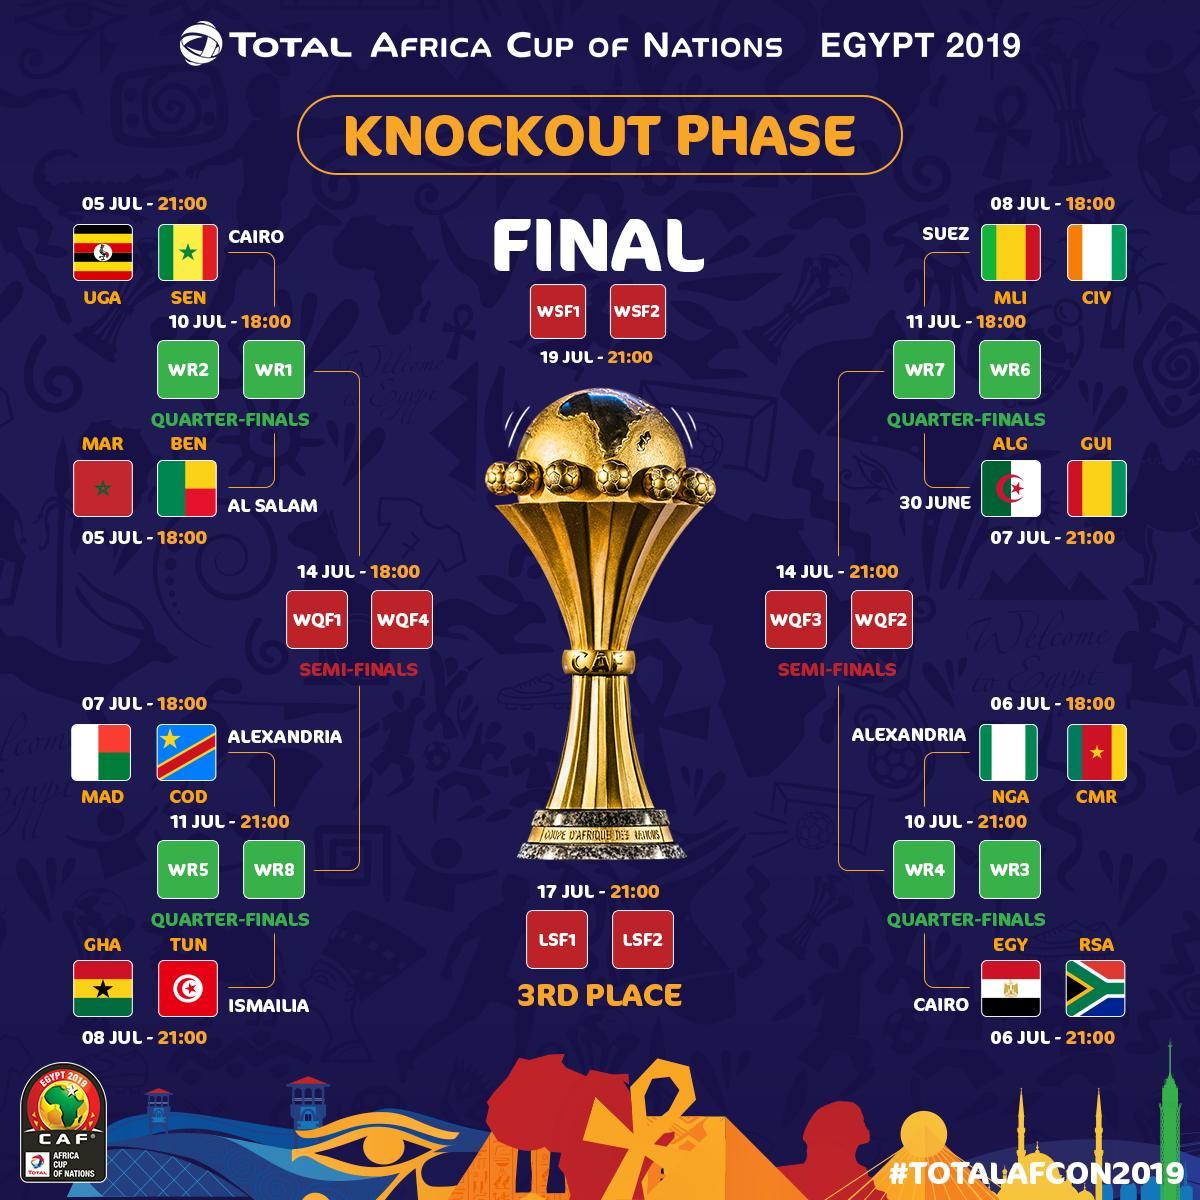 非洲杯十六强对阵:尼日利亚战喀麦隆,埃及碰南非